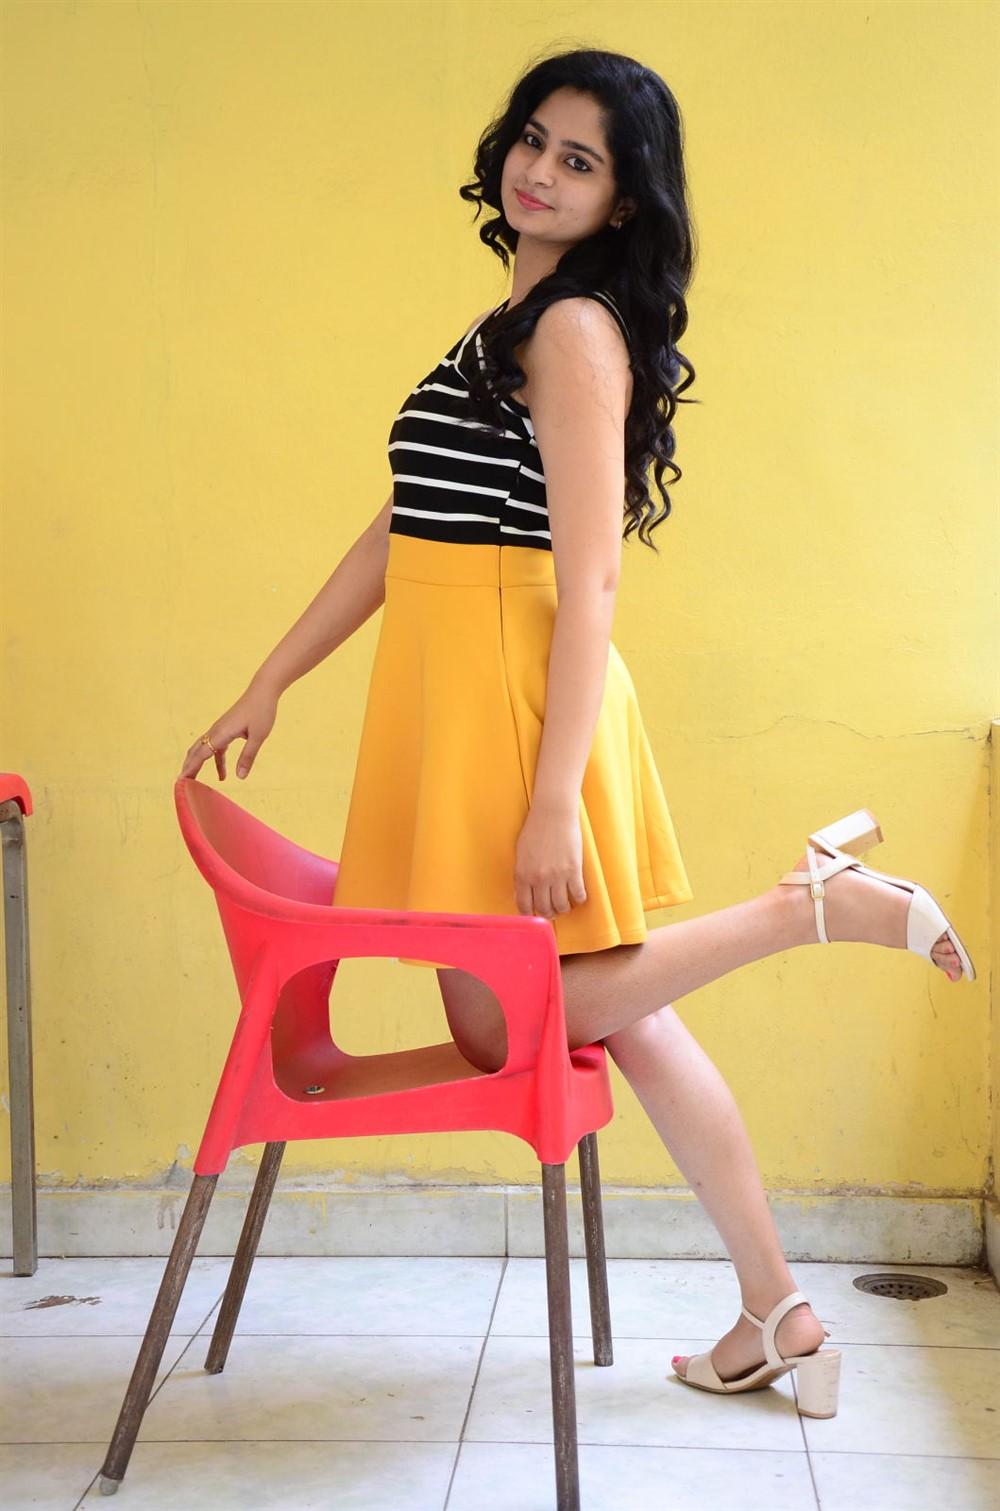 Only Nenu Actress Poorvi Takkara Photos